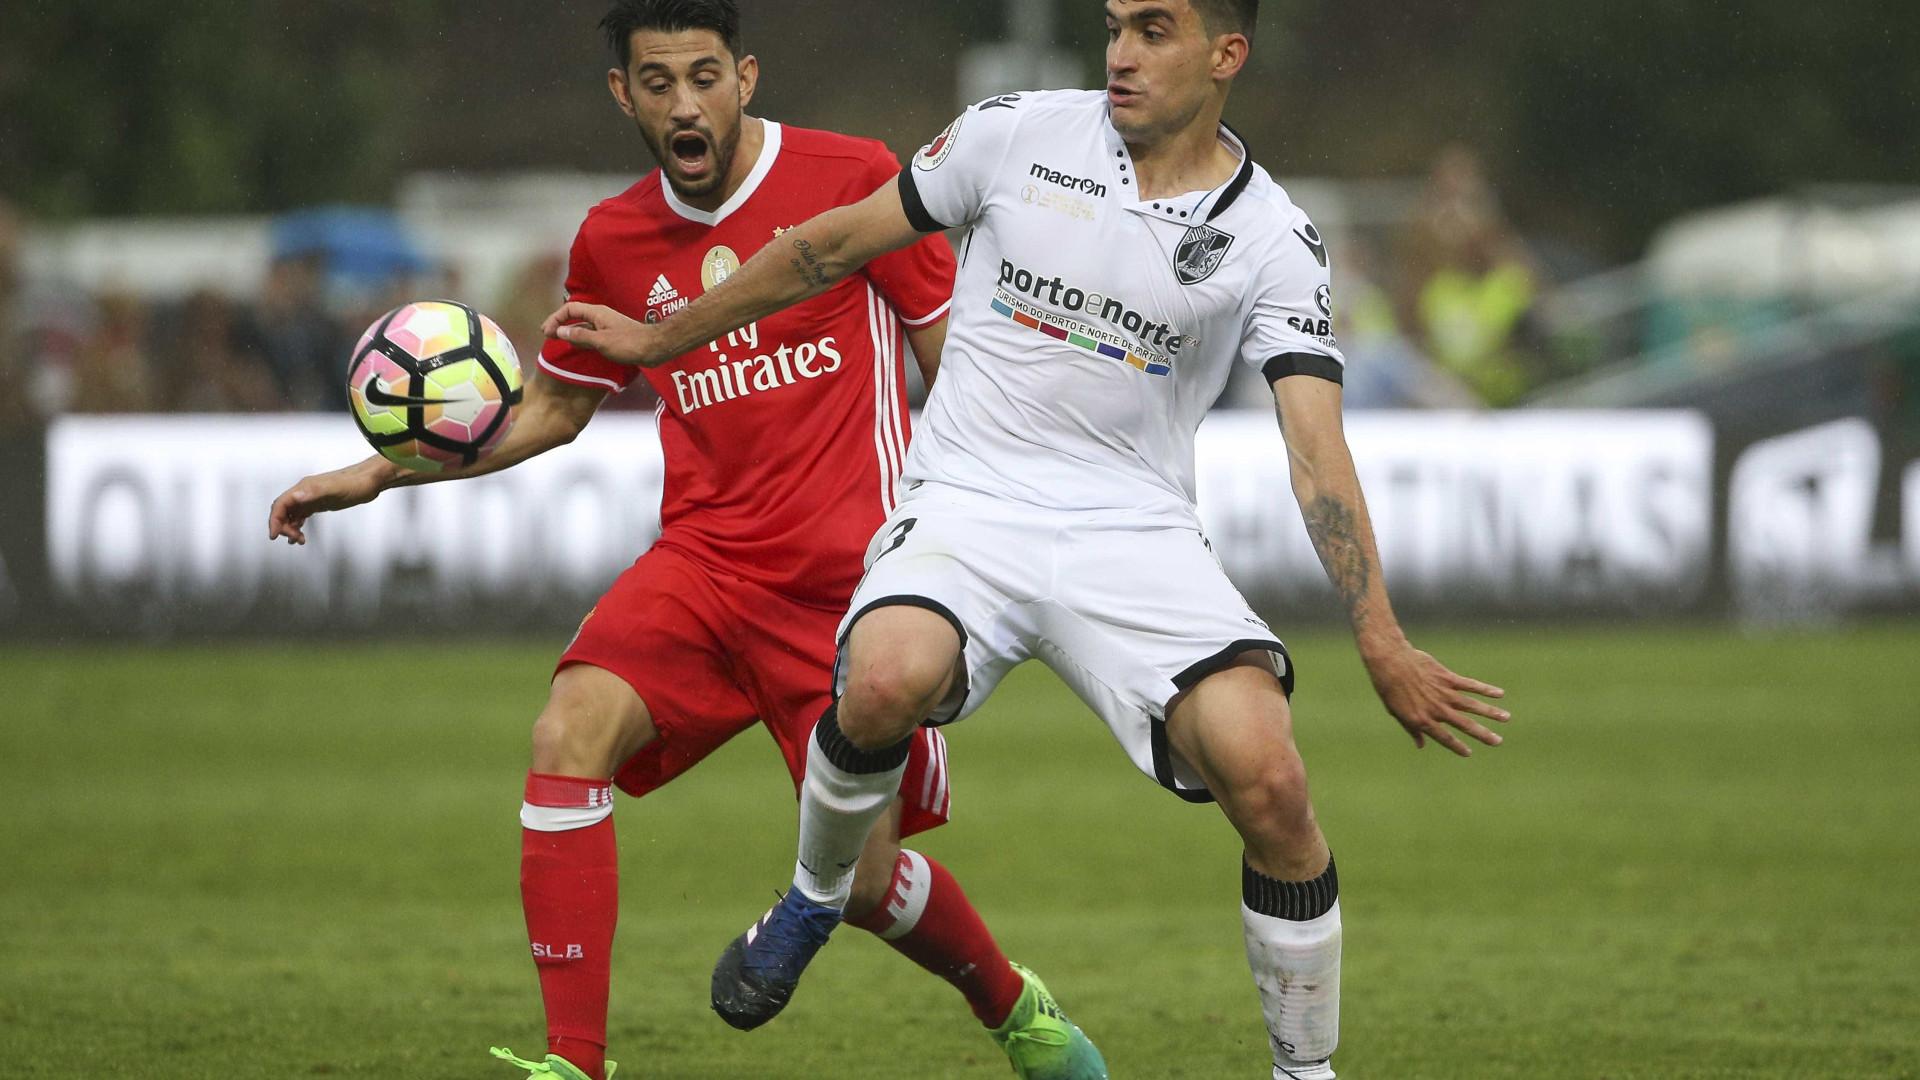 Benfica negocia saída de Celis a título definitivo